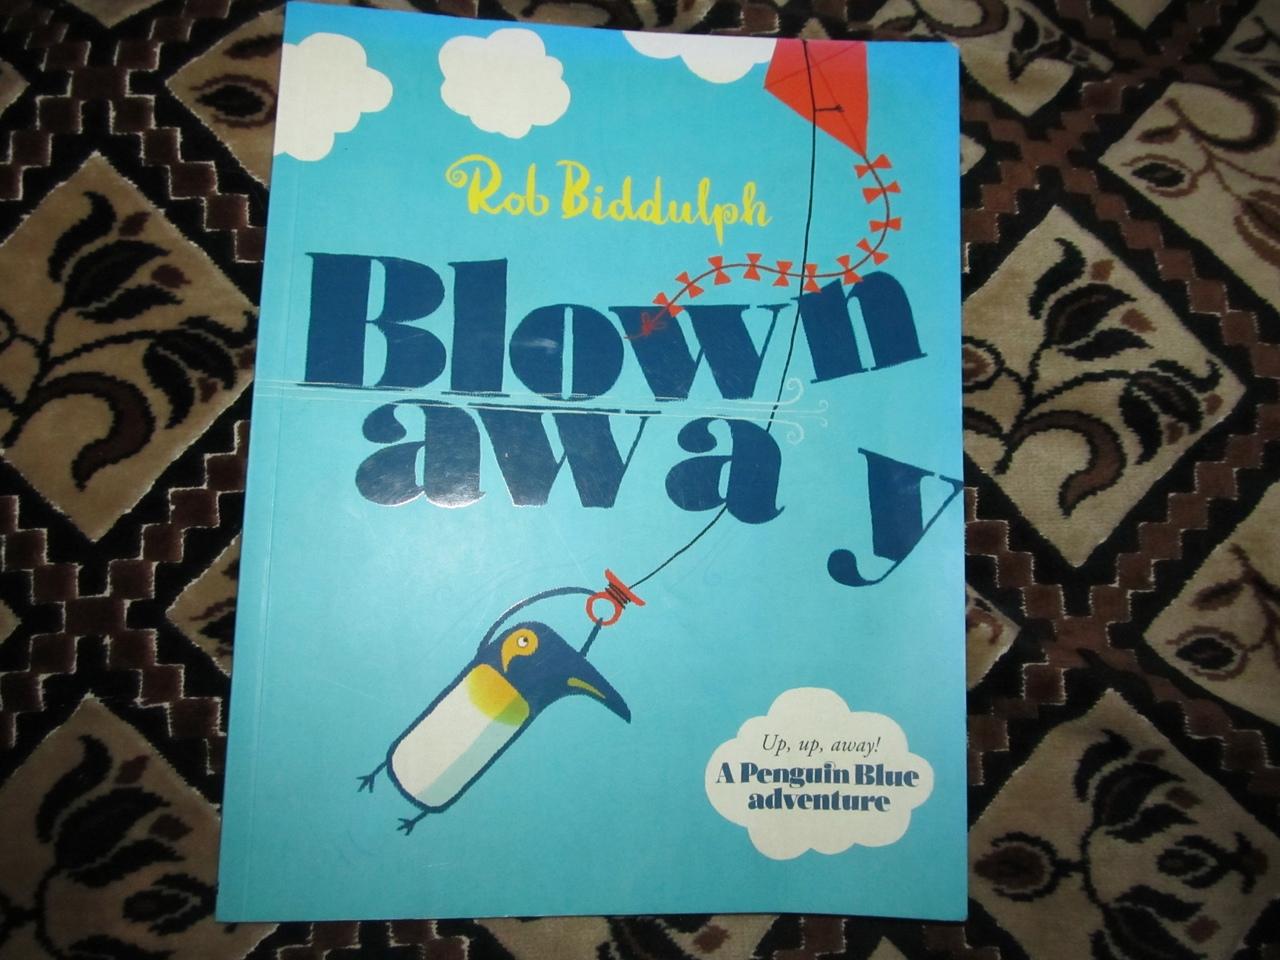 1)Blown Away by Rob Biddulph Книга, Роб Биддалф Художественная лит. Иллюстрированная книжечка для детей на английском языке. Цена 25 грн.